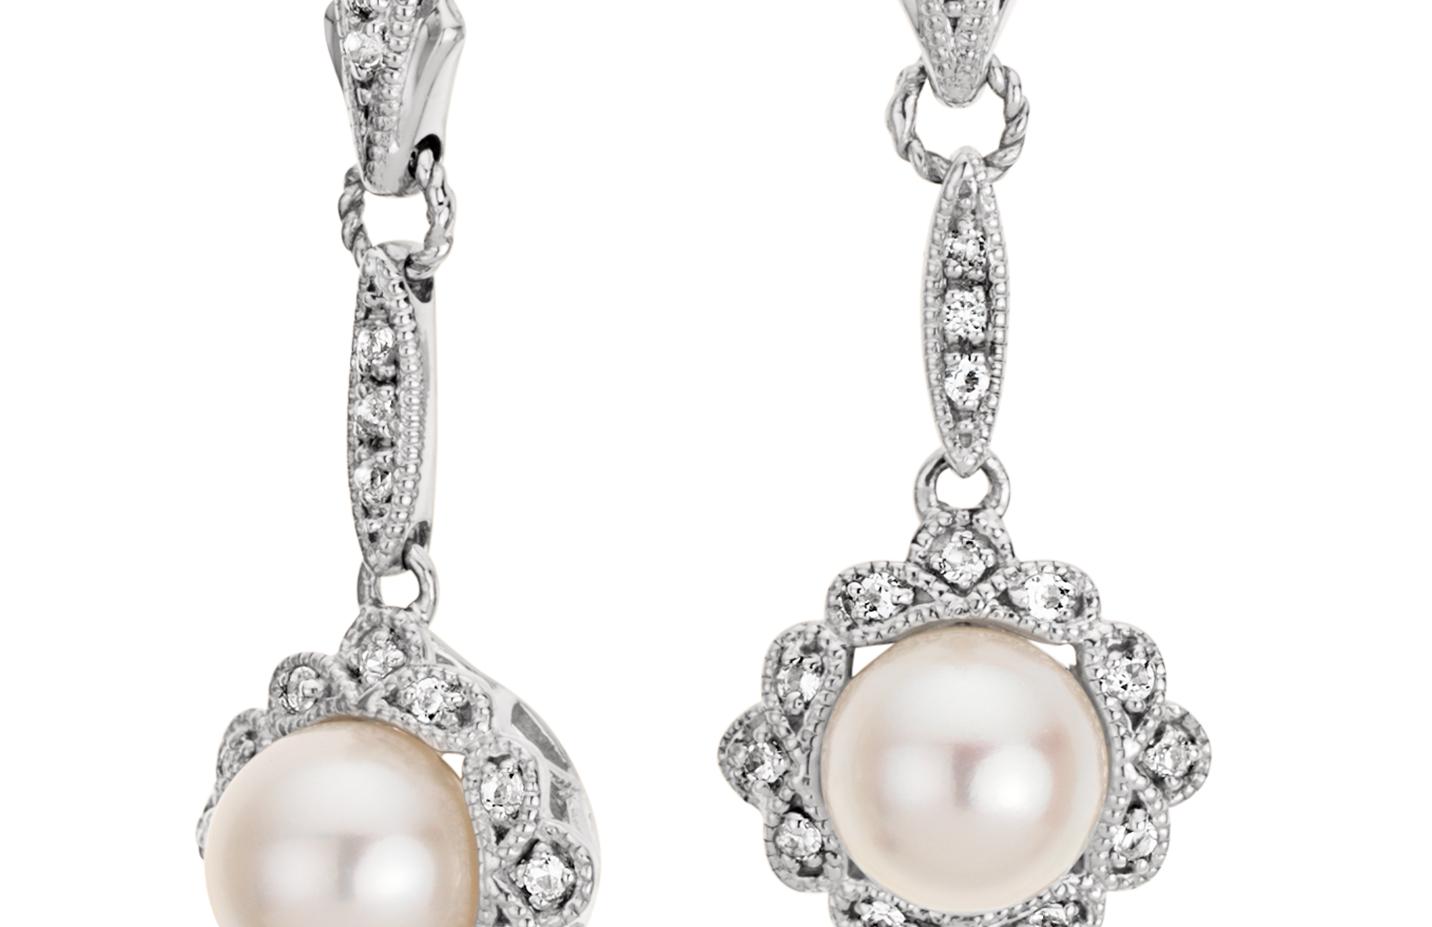 Boucles d'oreilles perles de culture d'eau douce d'inspiration vintage en argent sterling (6mm)